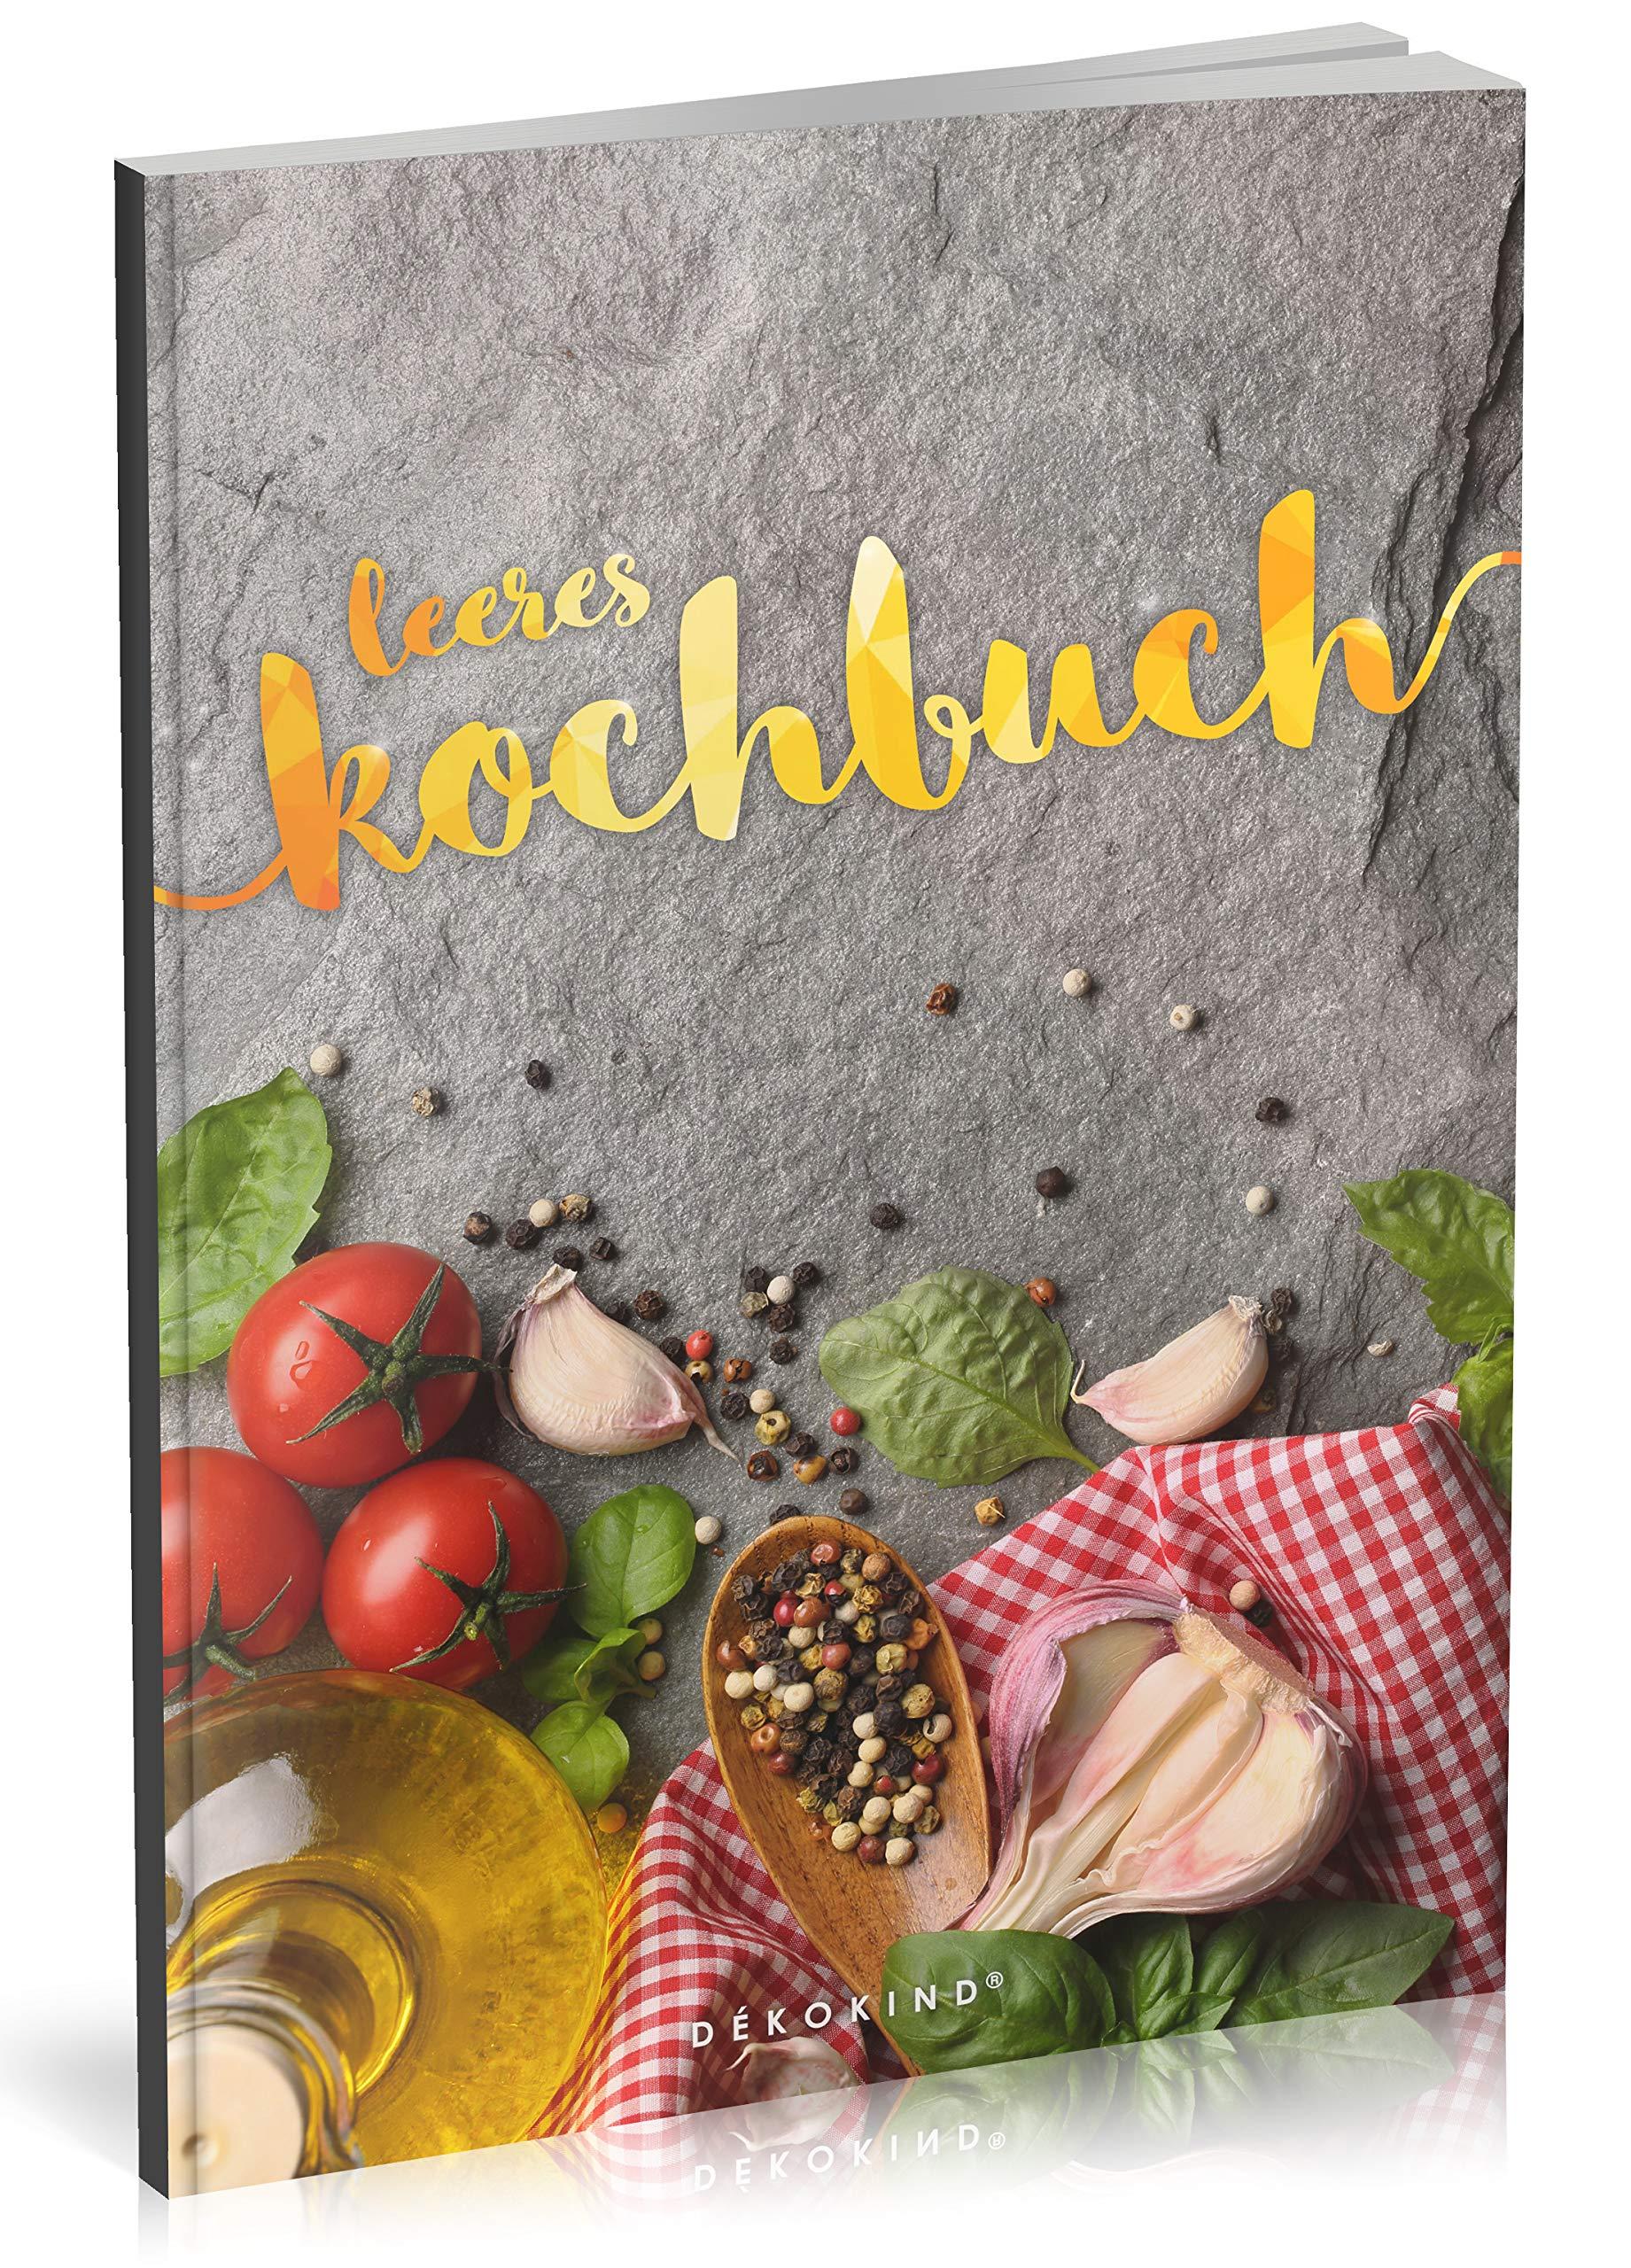 Dekokind Leeres Kochbuch Taschenbuch Großdruck 3 August 2018